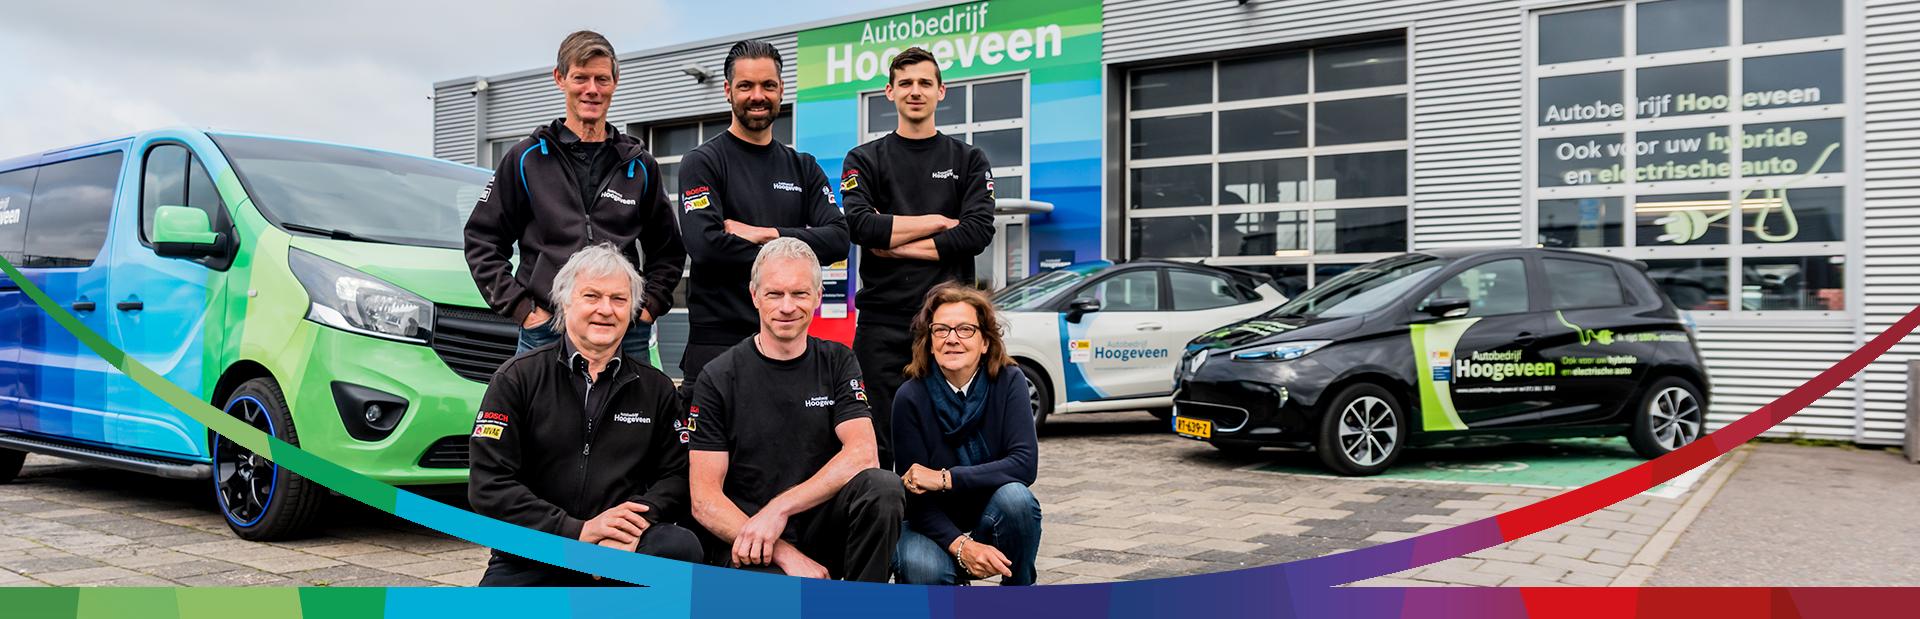 Het team van Autobedrijf Hoogeveen